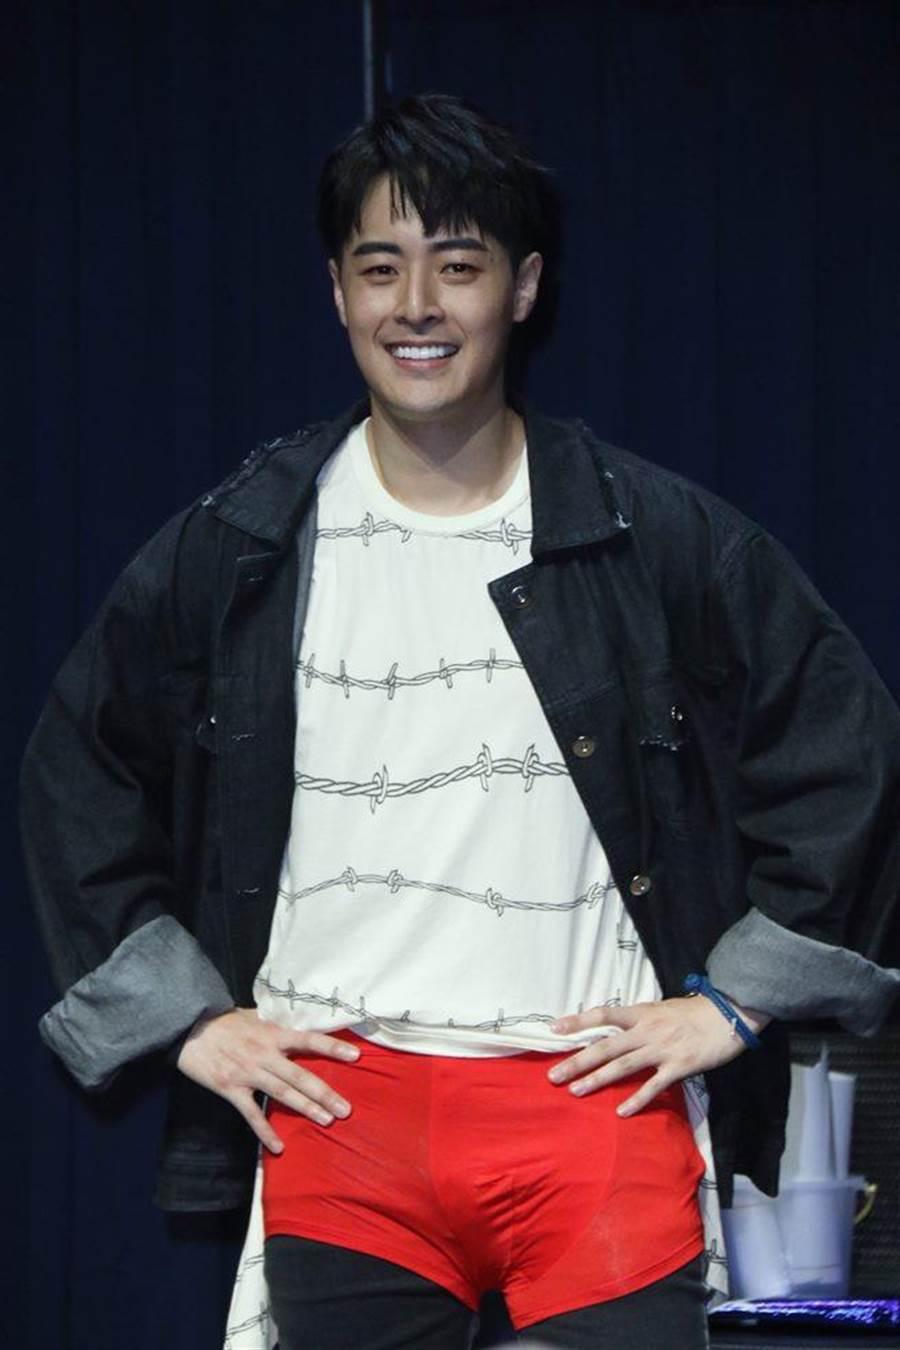 兩人自《大學生了沒》時期就認識,李唯楓也送紅內褲給Wish朱宇謀,祝福他星途順遂。(圖/單純夢想文創提供)